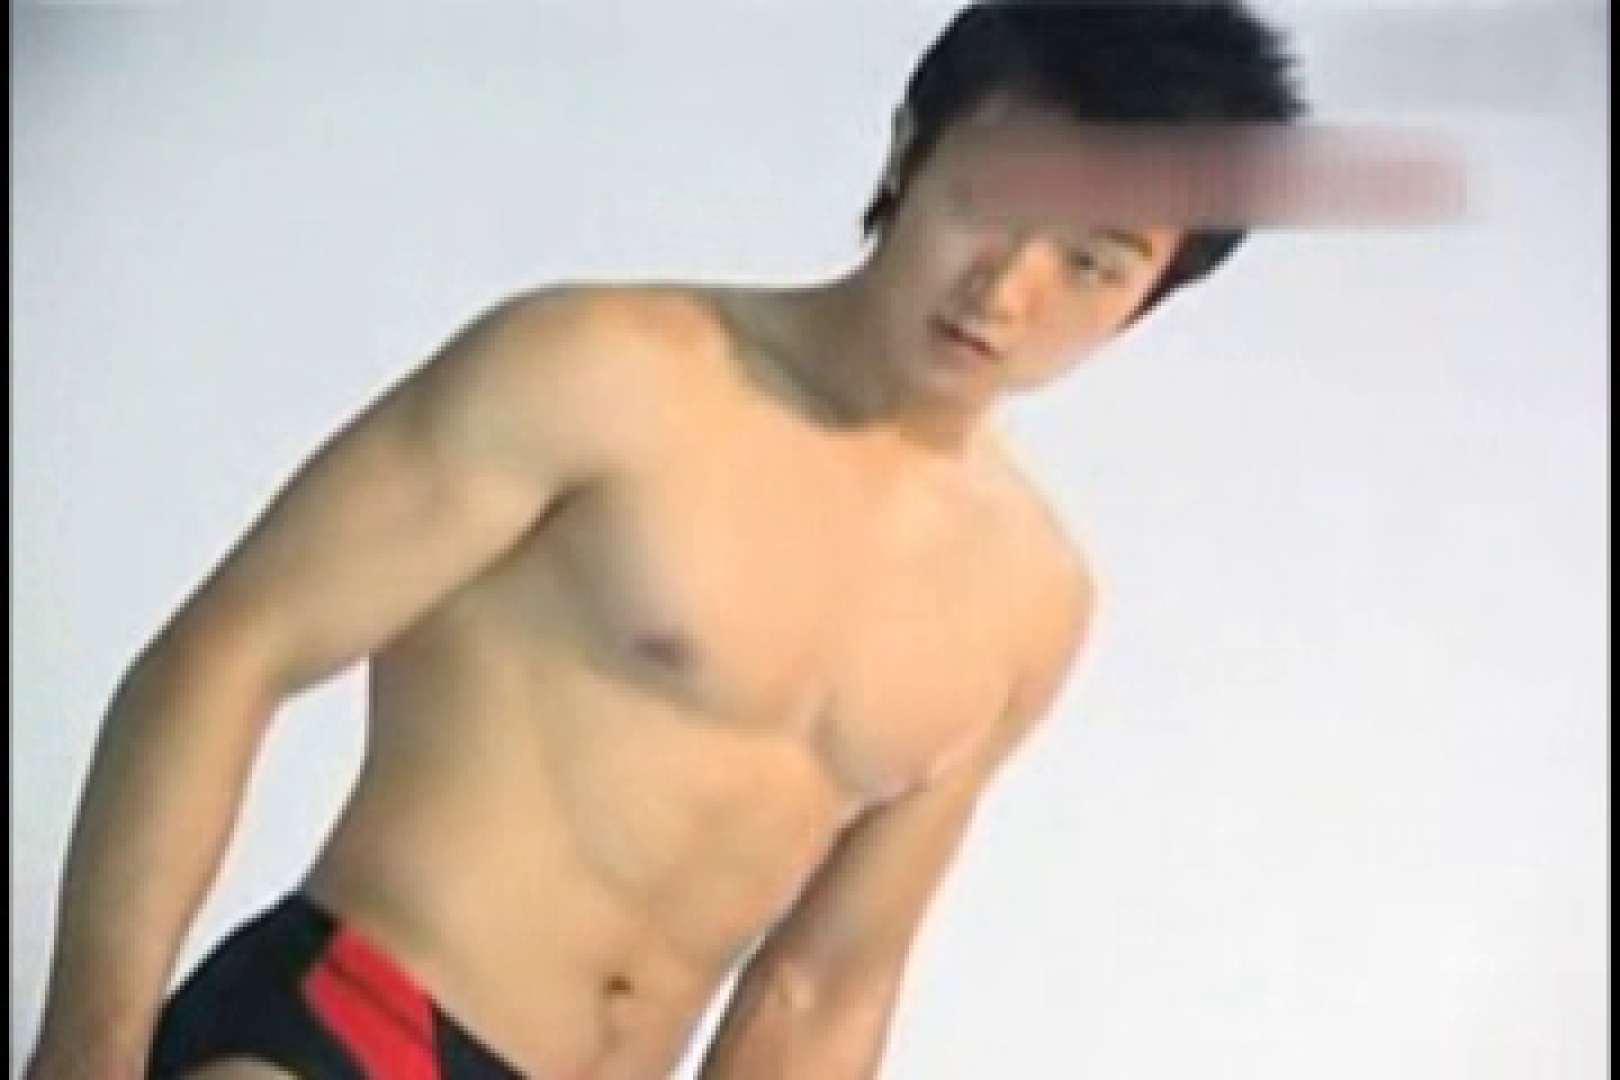 中出有名ゲイ雑誌★魅力●生★付録DVD収録スーパーモデルヌードvol12 イメージ (sex)   モデル ゲイエロ画像 100枚 86